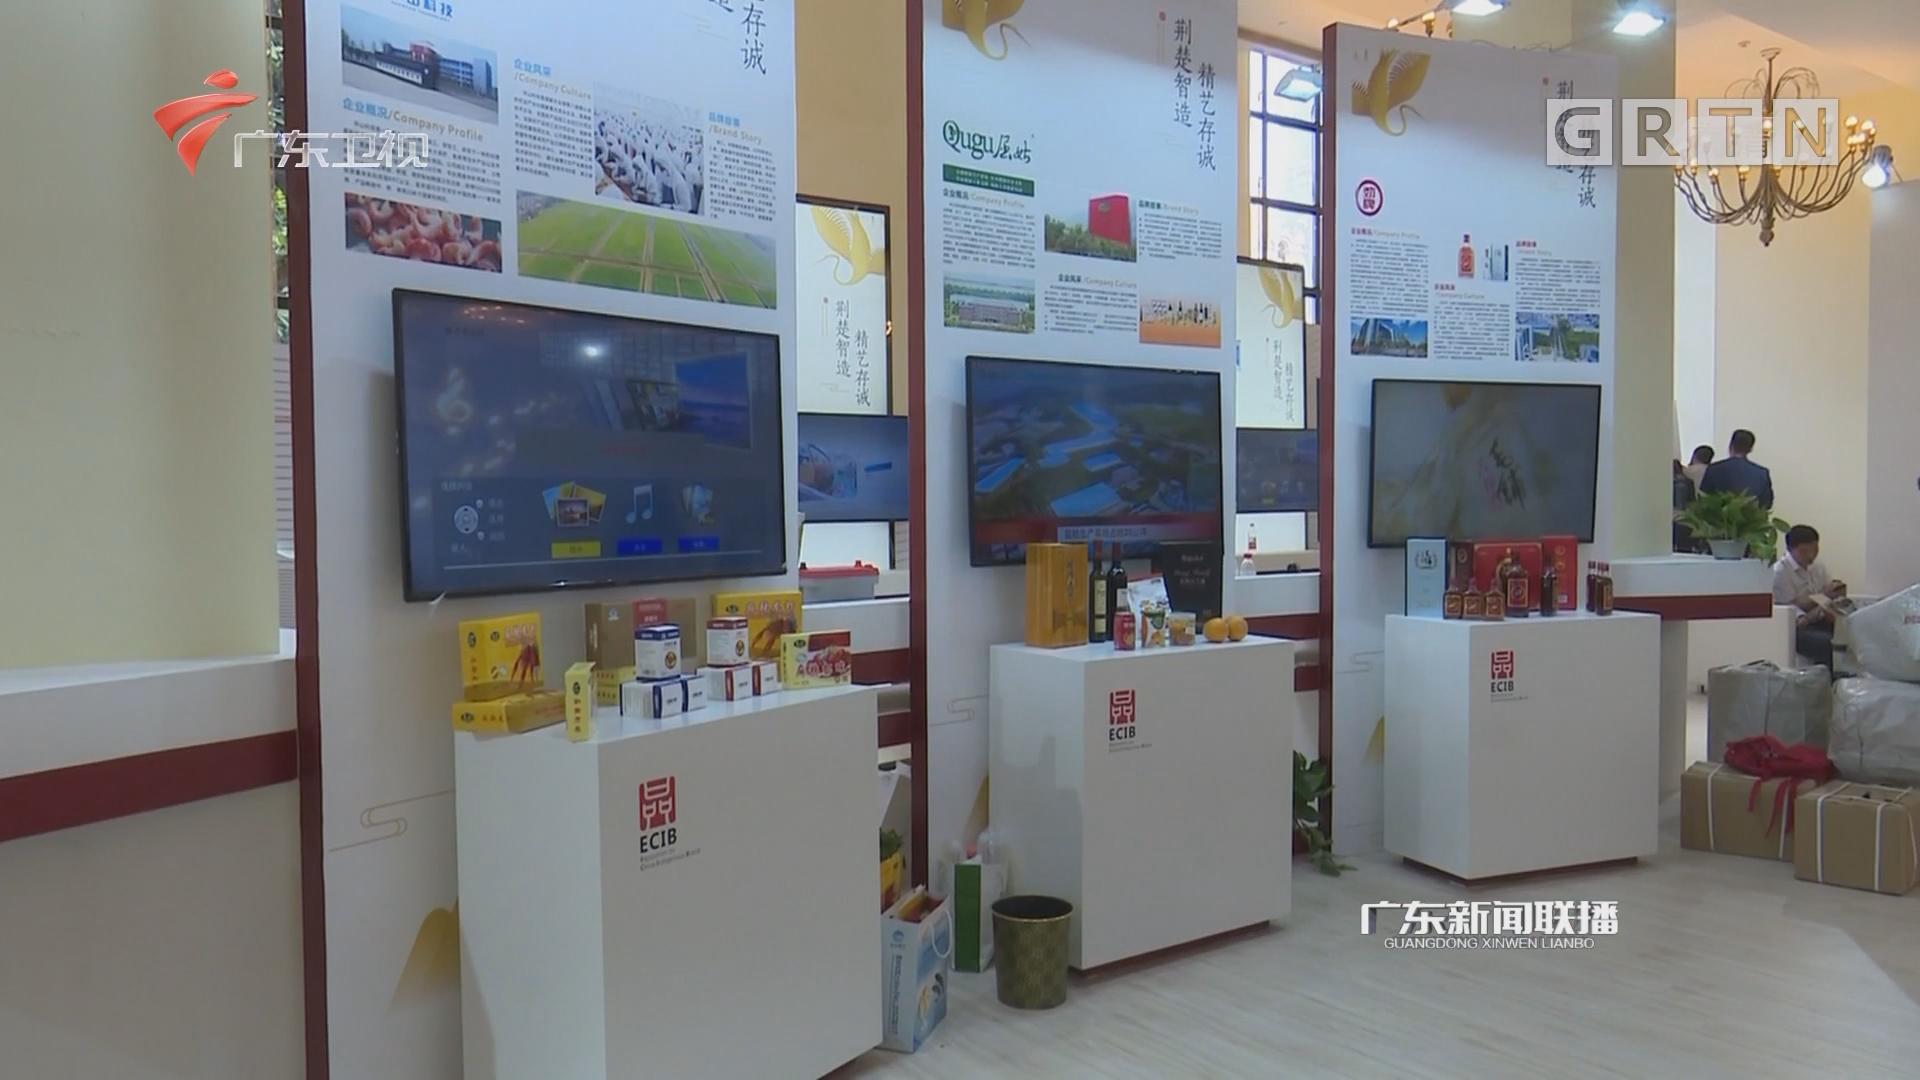 63家广东企业亮相首届中国自主品牌博览会